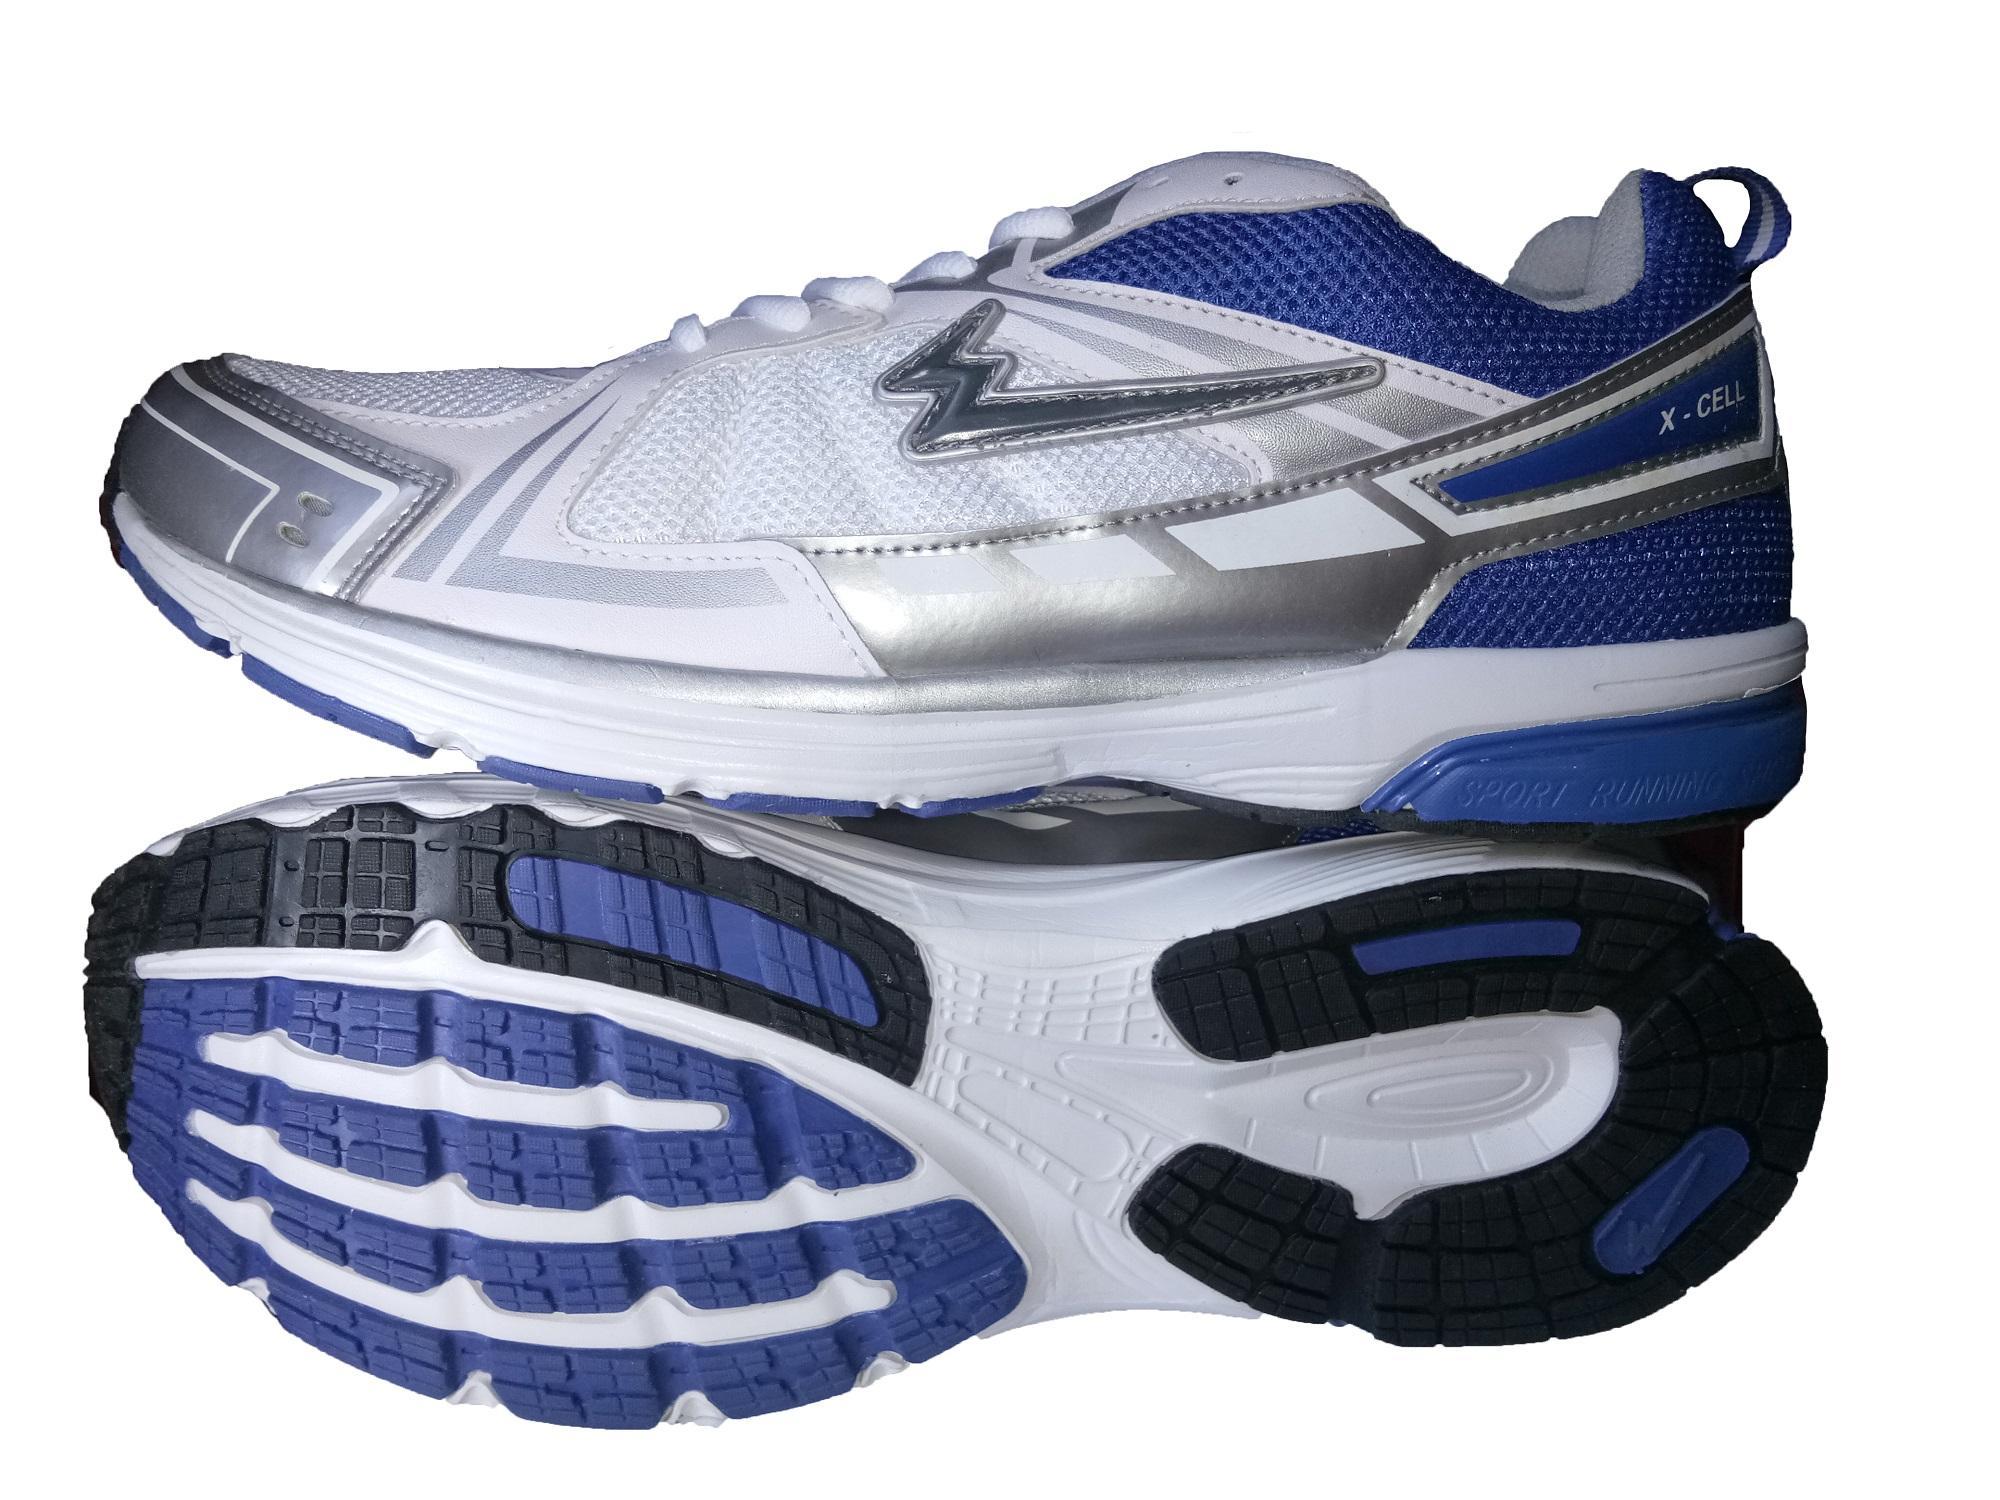 Sepatu Eagle Xcell Silver Blue - Sepatu Sport Pria - Sepatu Lari - Sepatu  Pria - 4c30bcb343